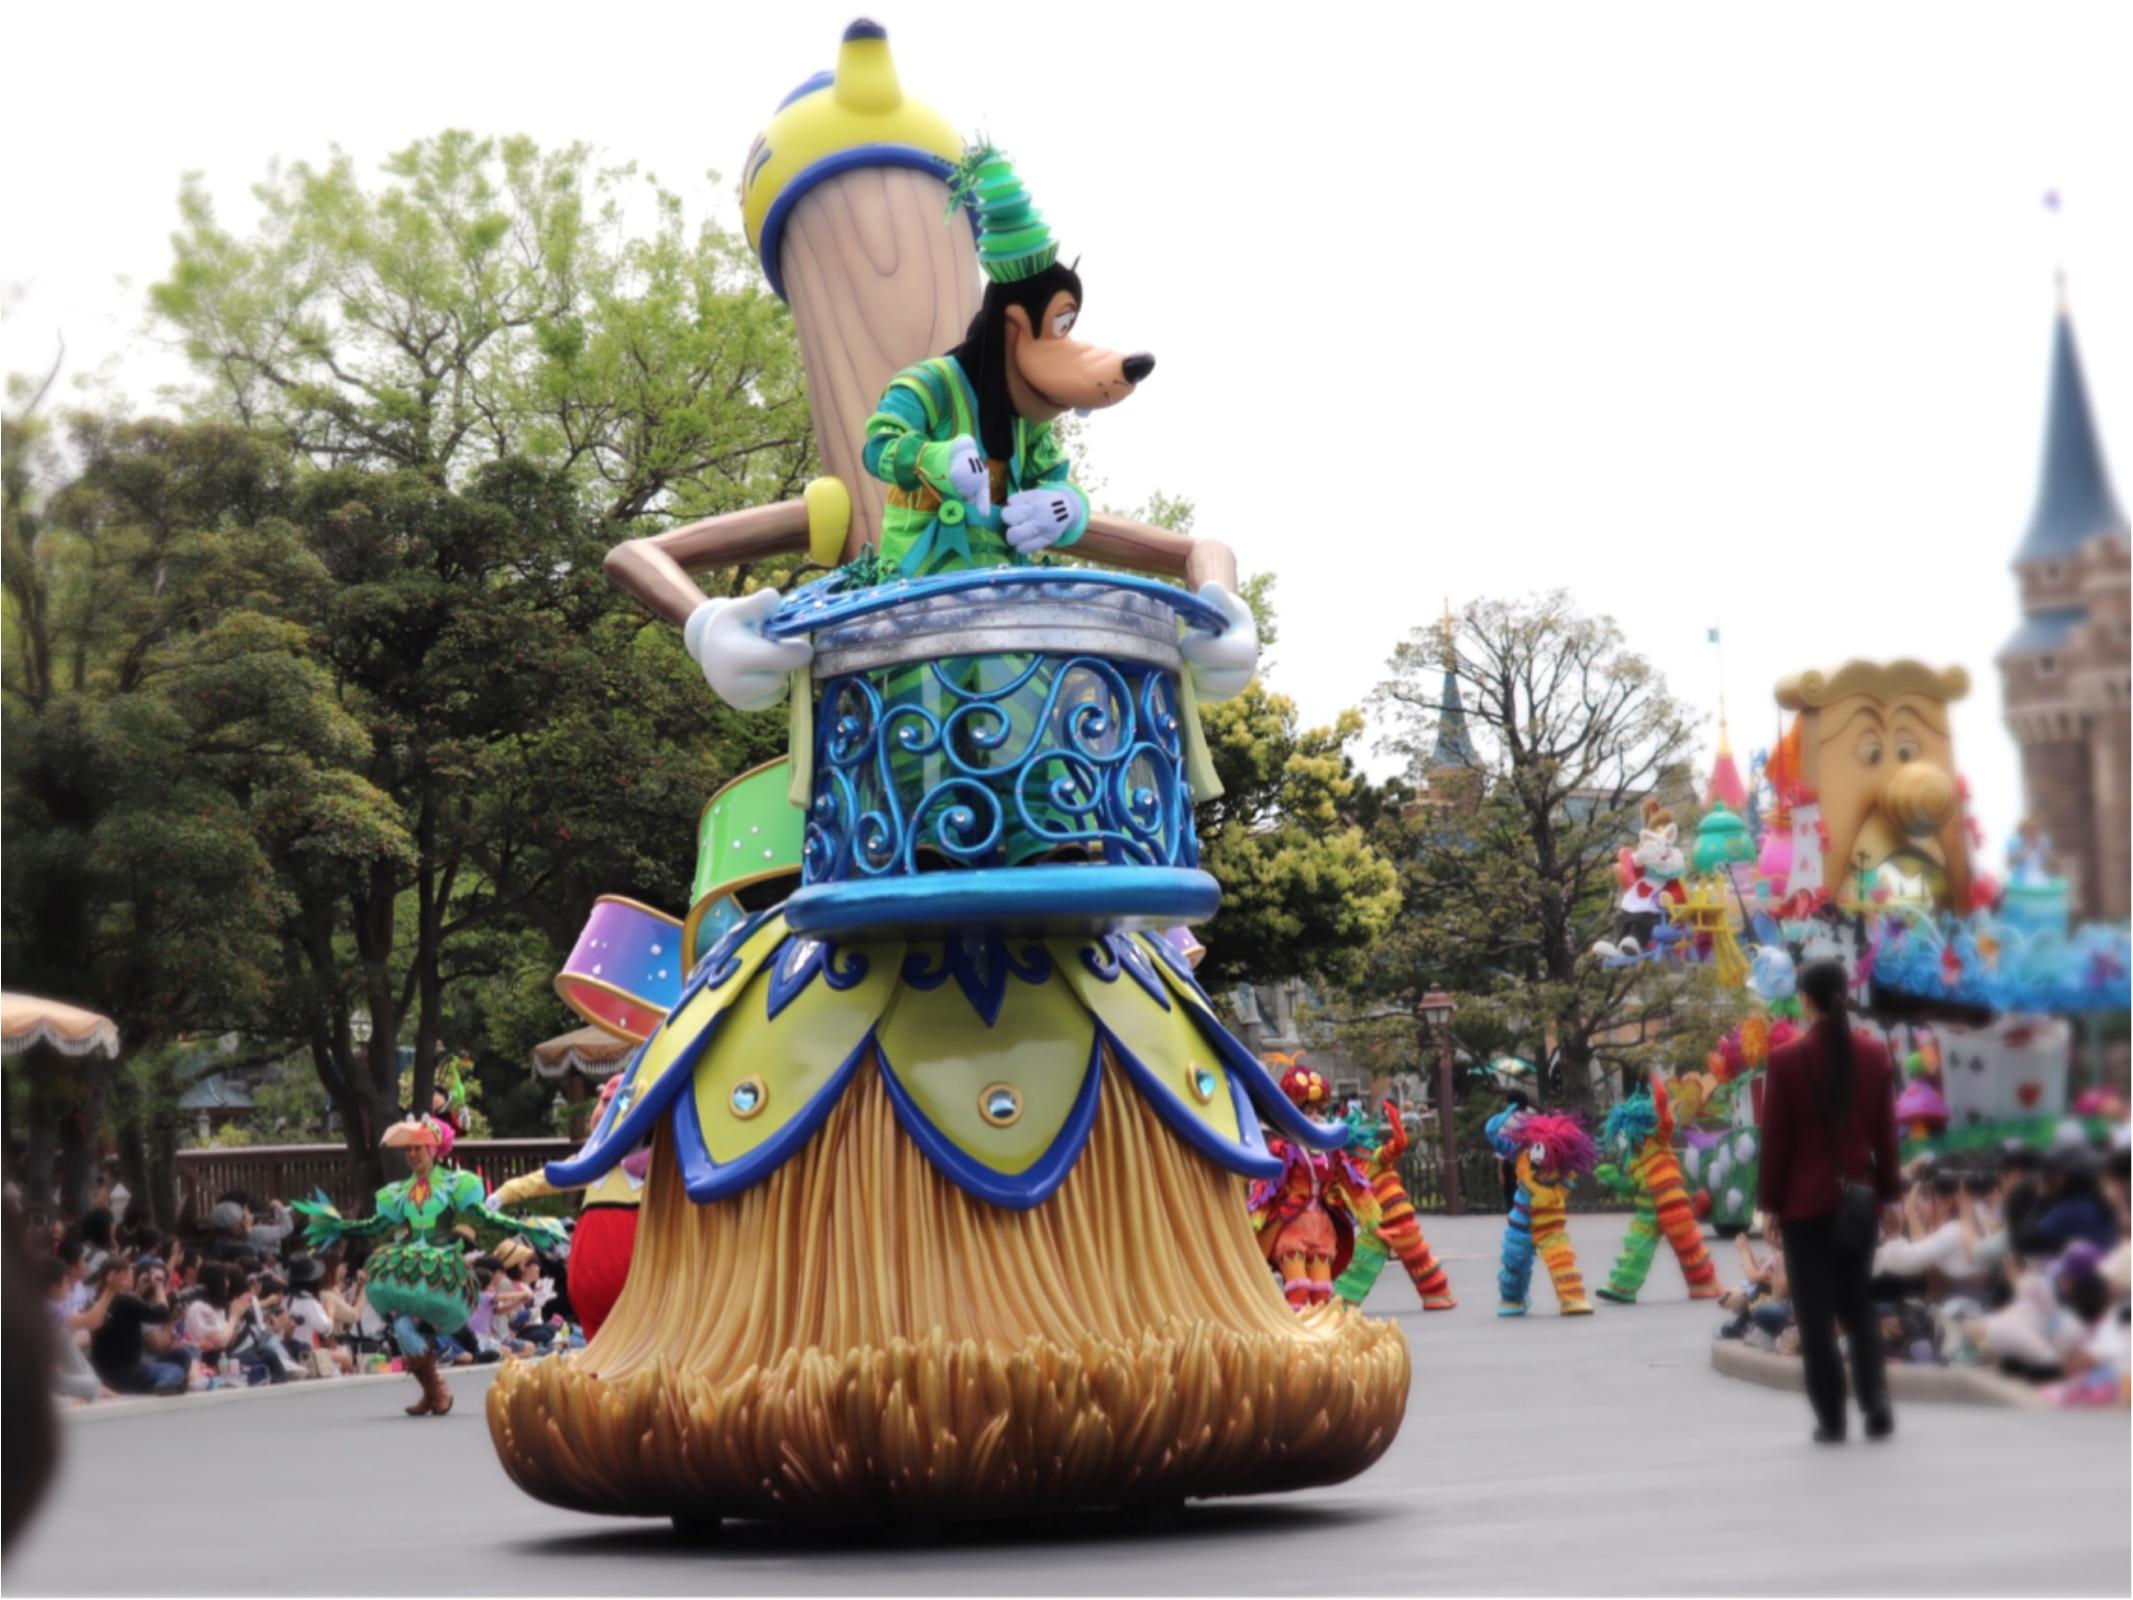 ▷【東京ディズニーランド35周年】Newパレード「ドリーミング・アップ!」がとにかく凄い!!_6